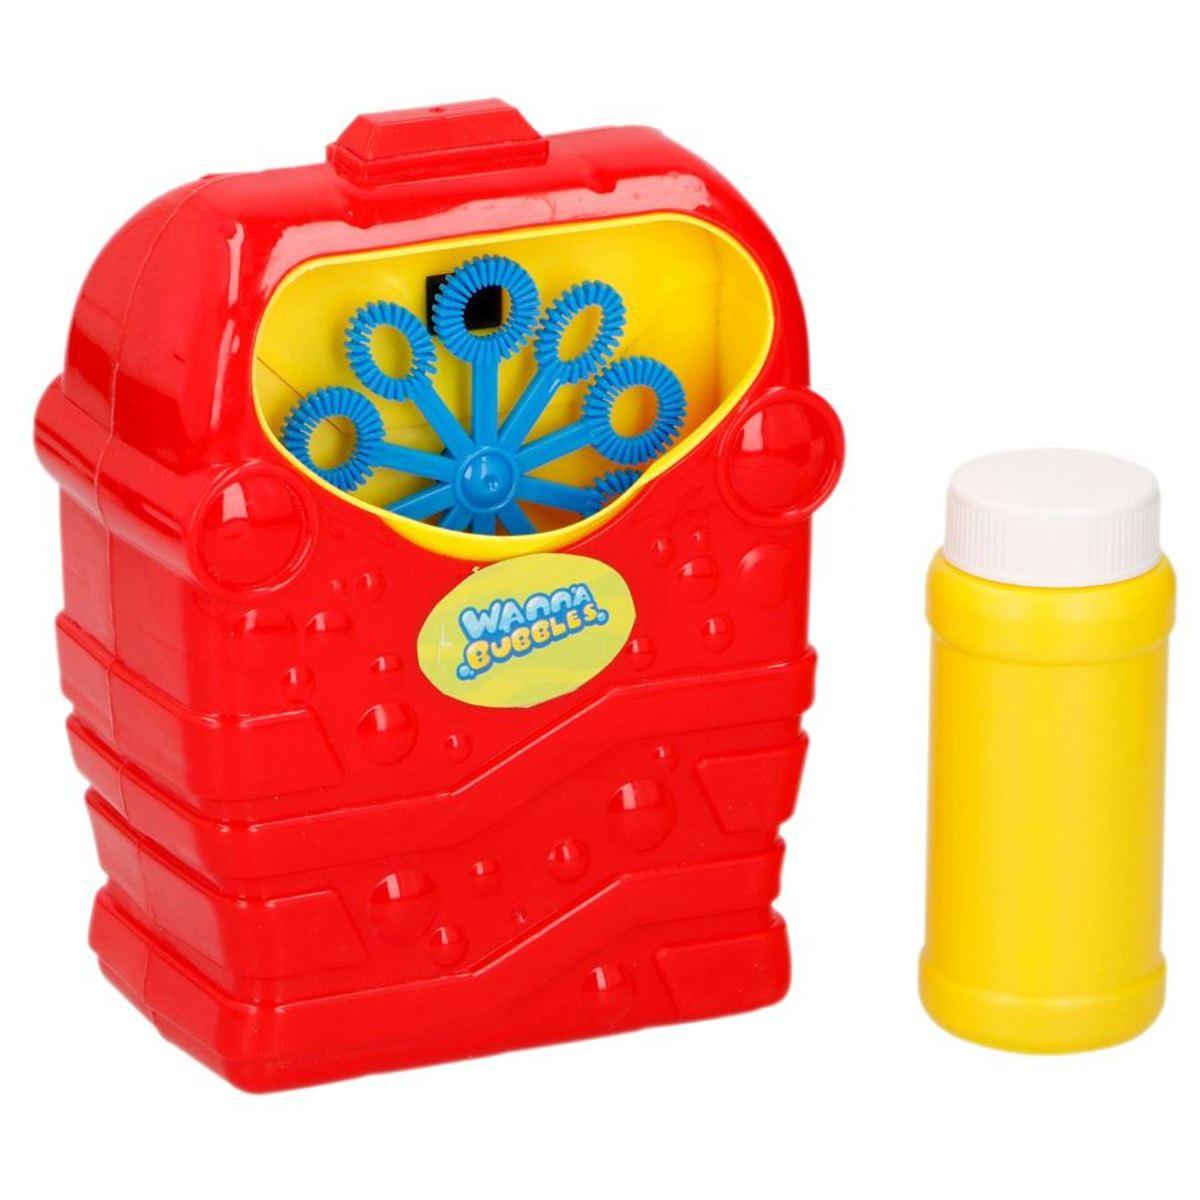 Bild 3 von Bubblez Seifenblasenmaschine mit Seifenwasser 118ml